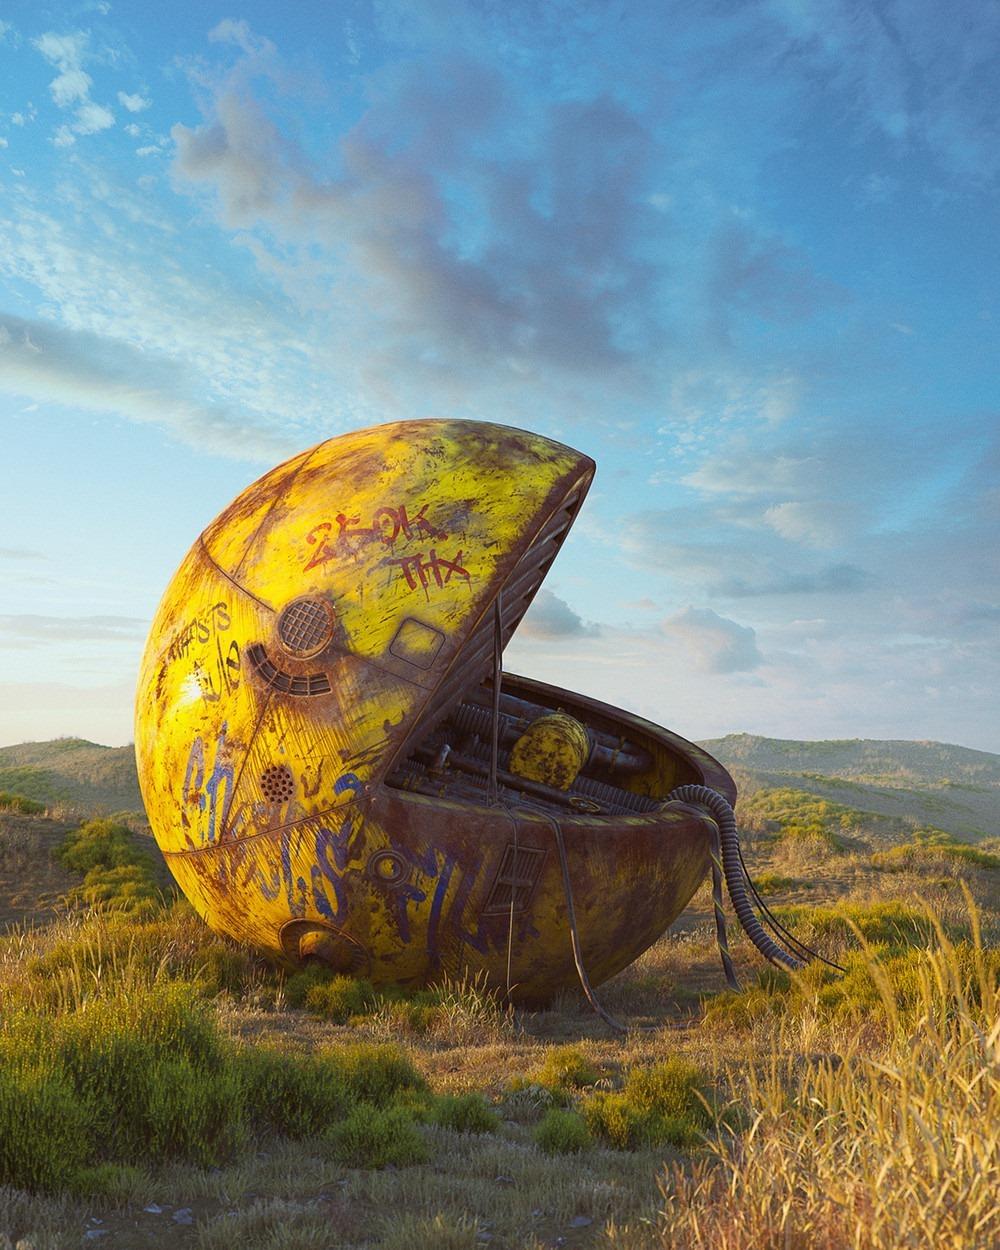 Pacman Pop Culture Dystopia Filip Hodas